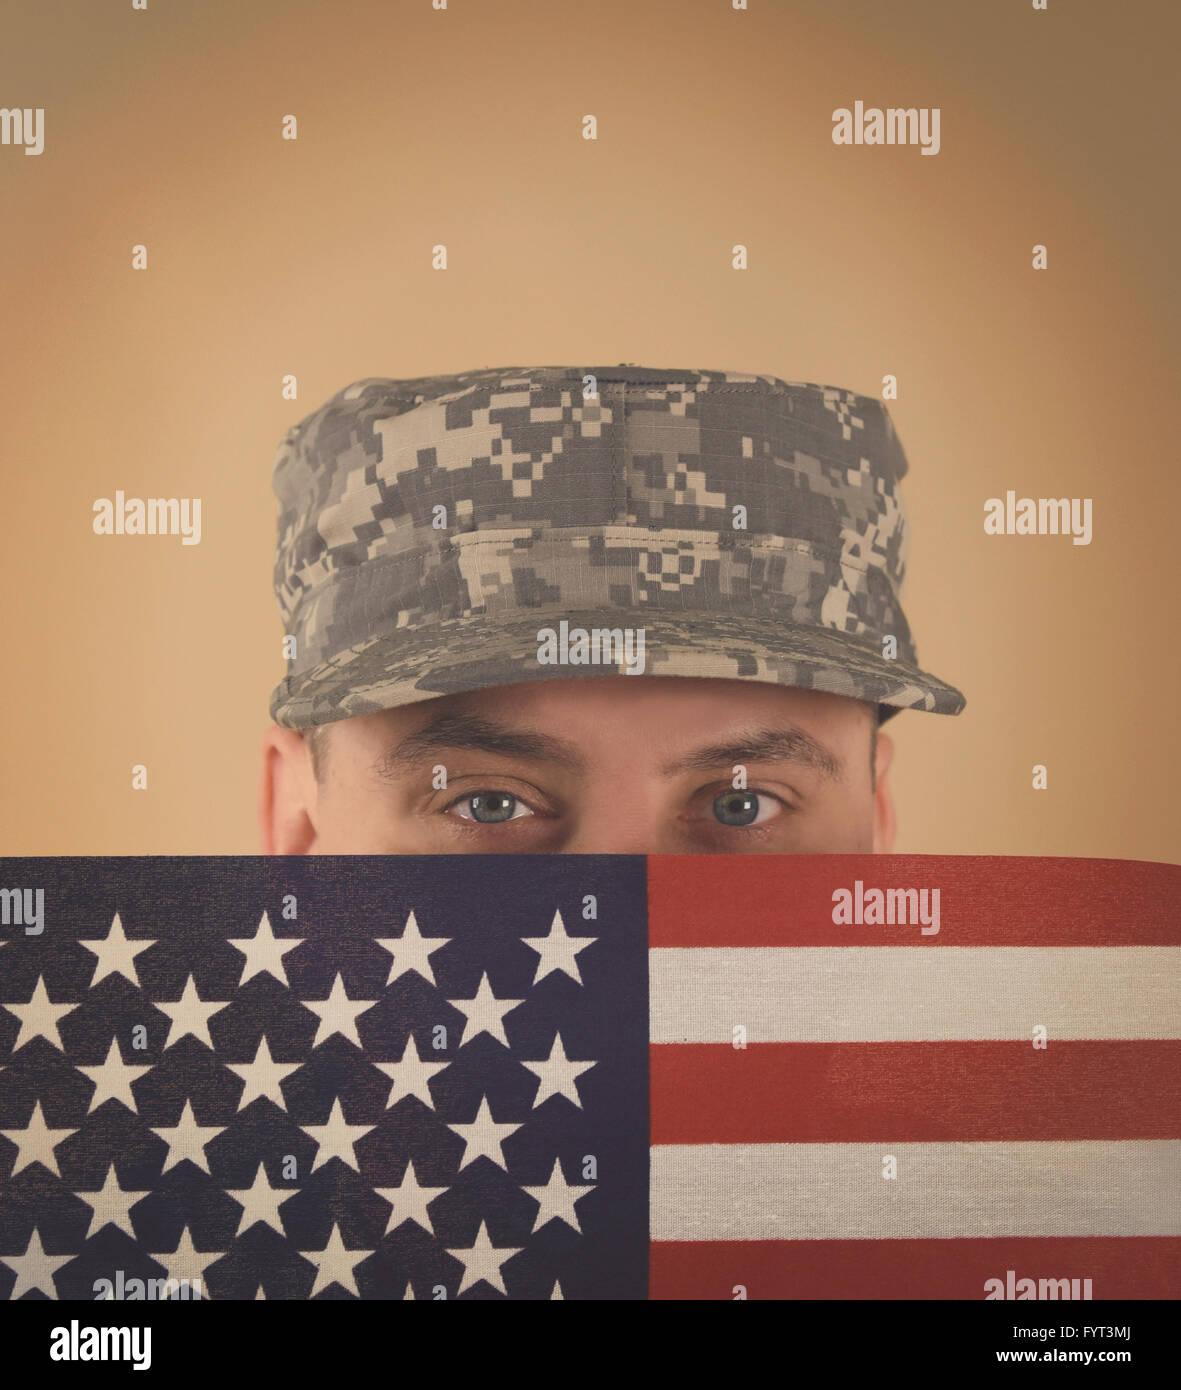 Un soldat de l'armée militaire est maintenant un drapeau américain jusqu'à son visage avec Photo Stock